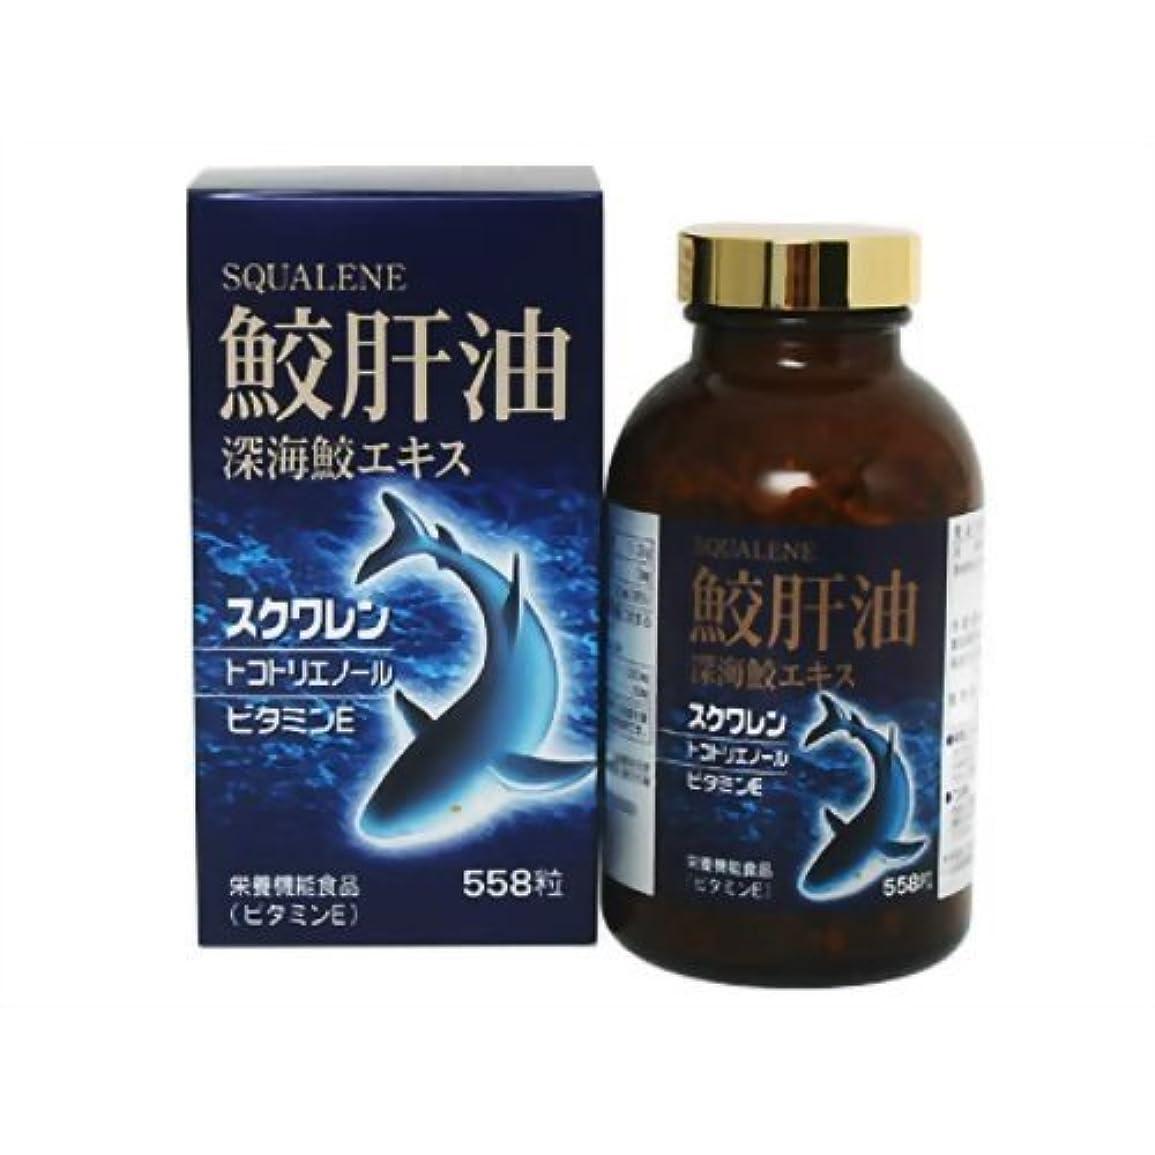 届ける検索エンジン最適化義務づけるユニテックメディカル 鮫肝油 558粒 徳用サイズ 3個セット